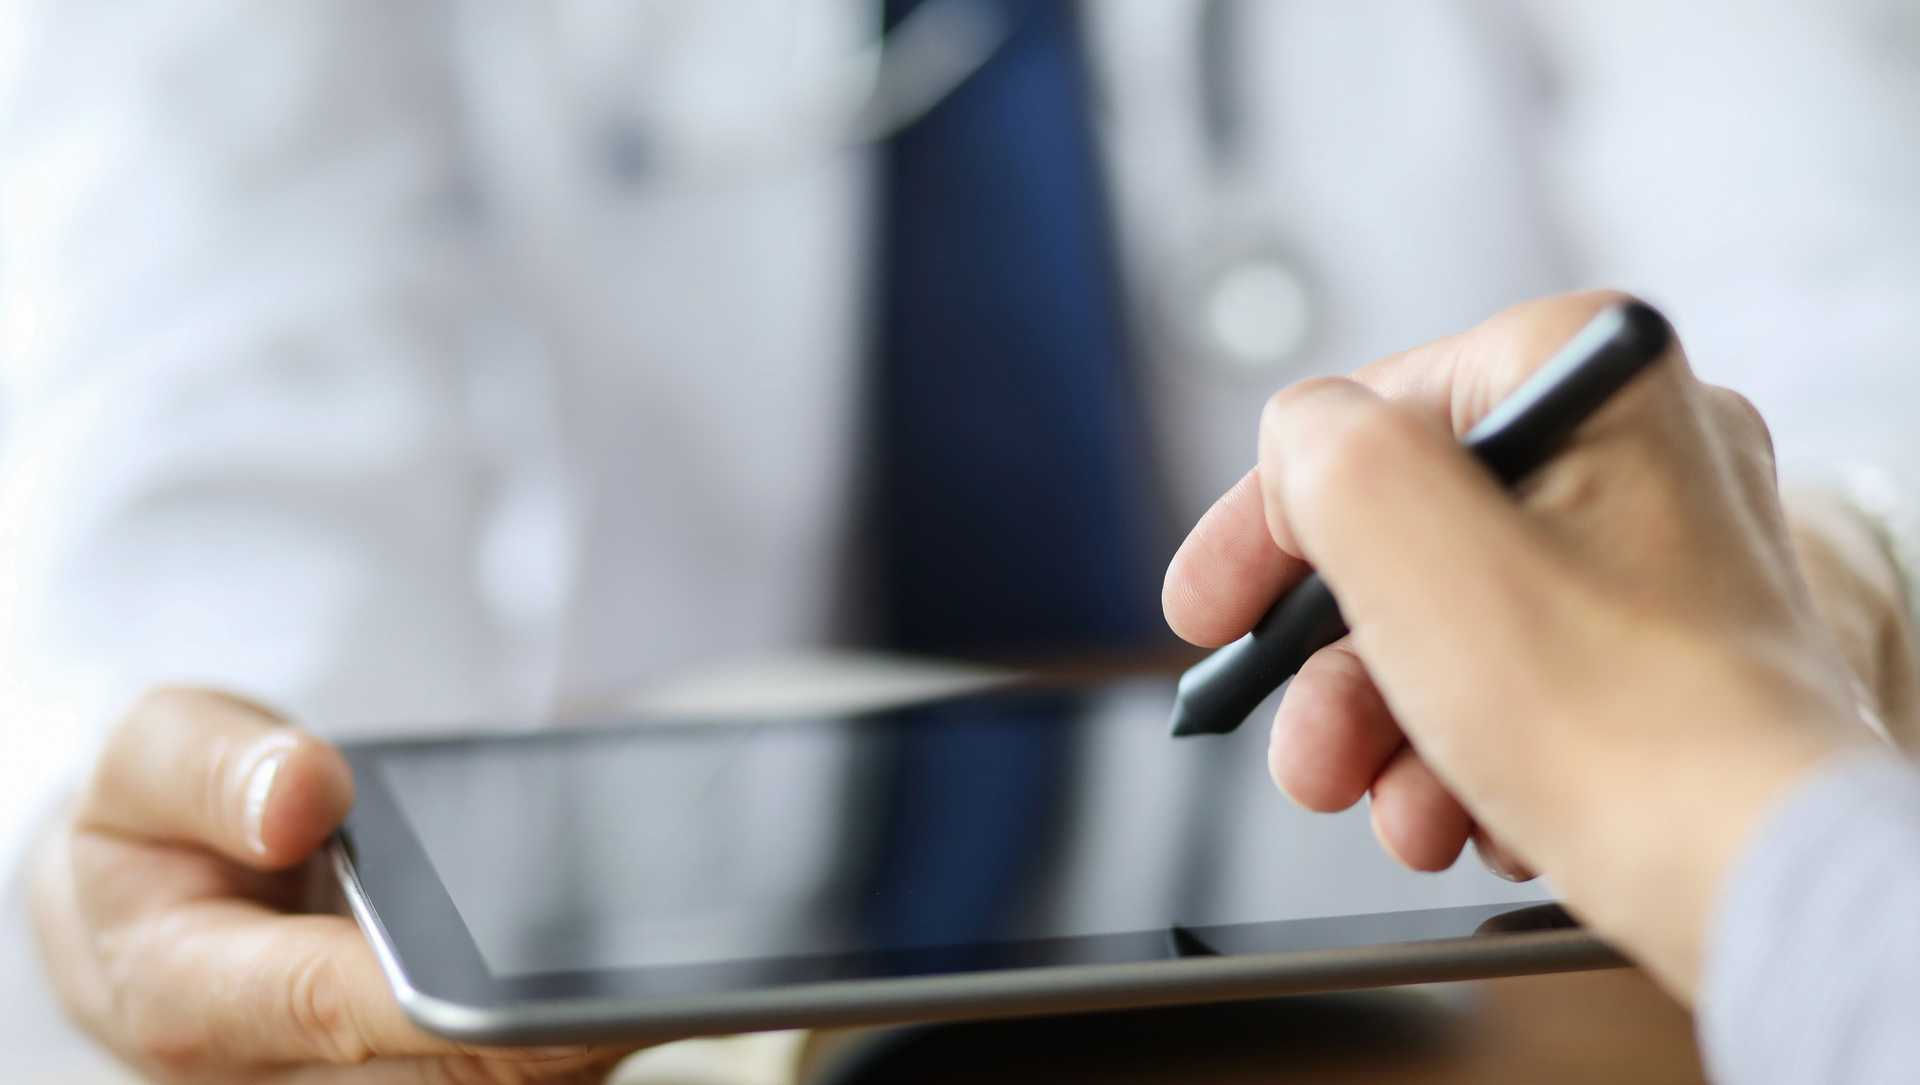 Electronic Signatures - Main